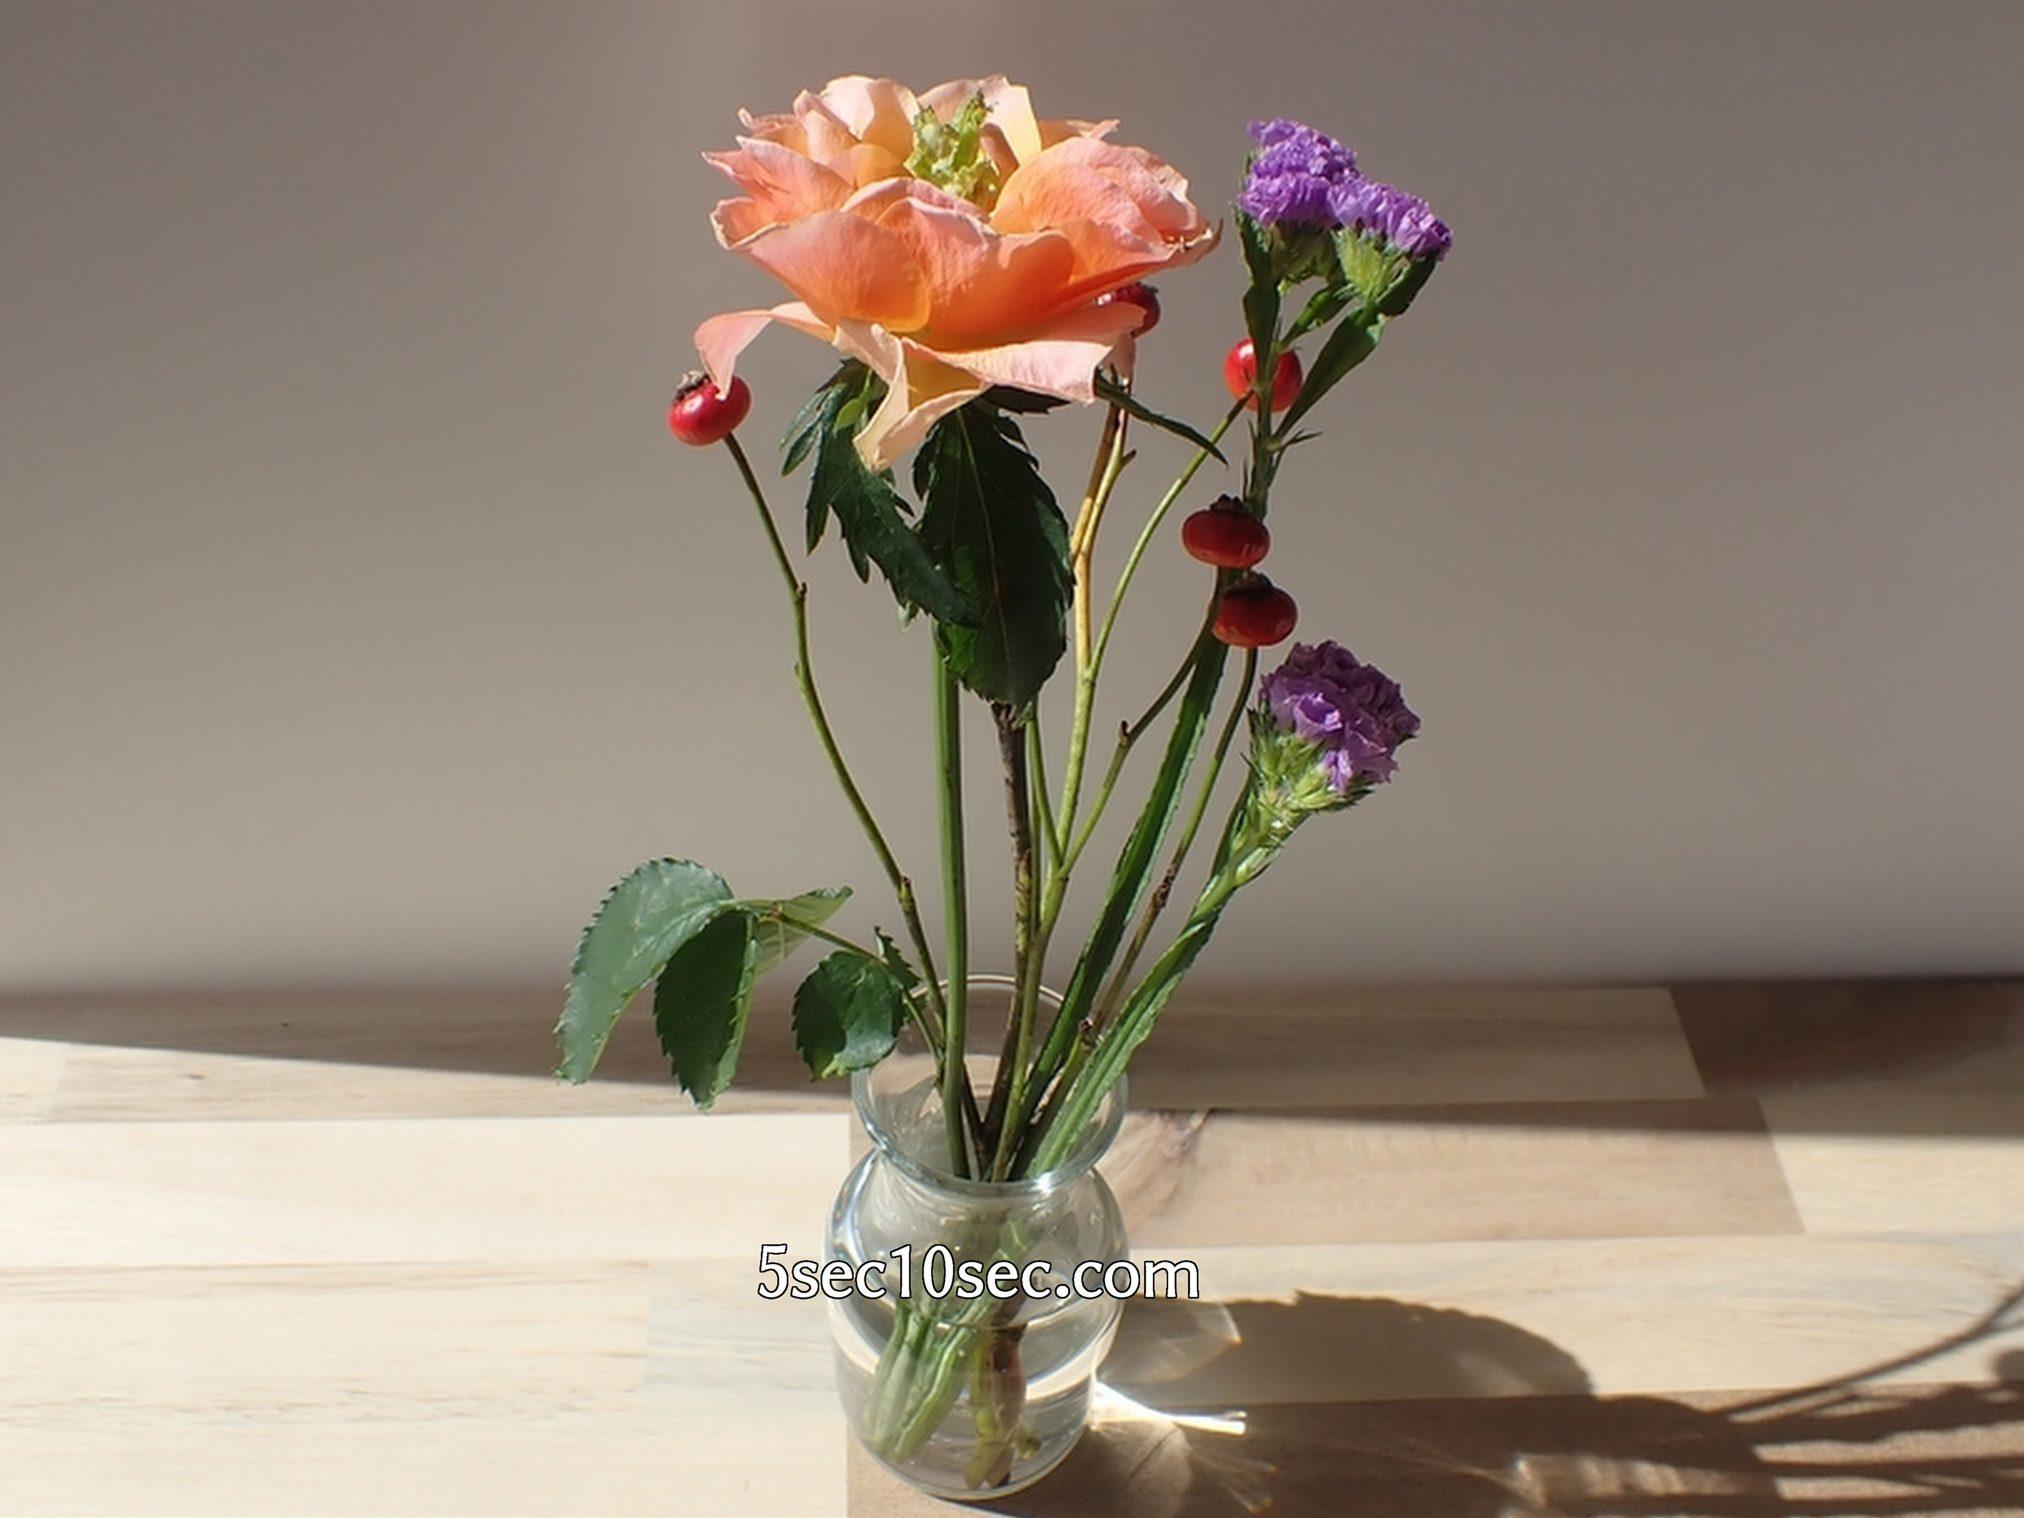 株式会社Crunch Style お花の定期便 Bloomee LIFE ブルーミーライフ 500円(税別・送料別)の体験プラン 5日経過してもまだまだ元気で良い状態です